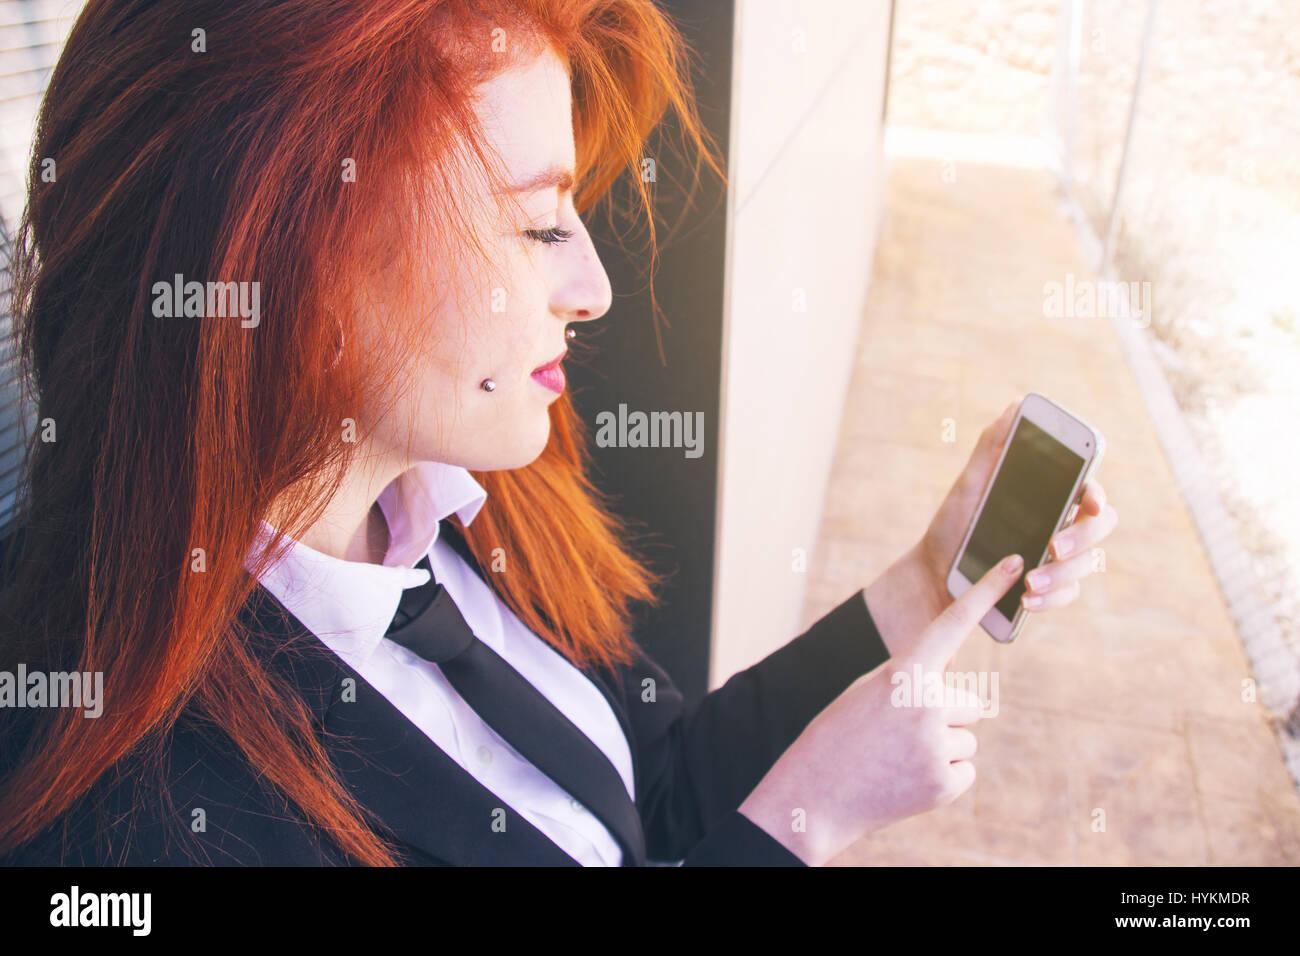 Joven pelirroja mujer de negocios trabajando con su smartphone Imagen De Stock